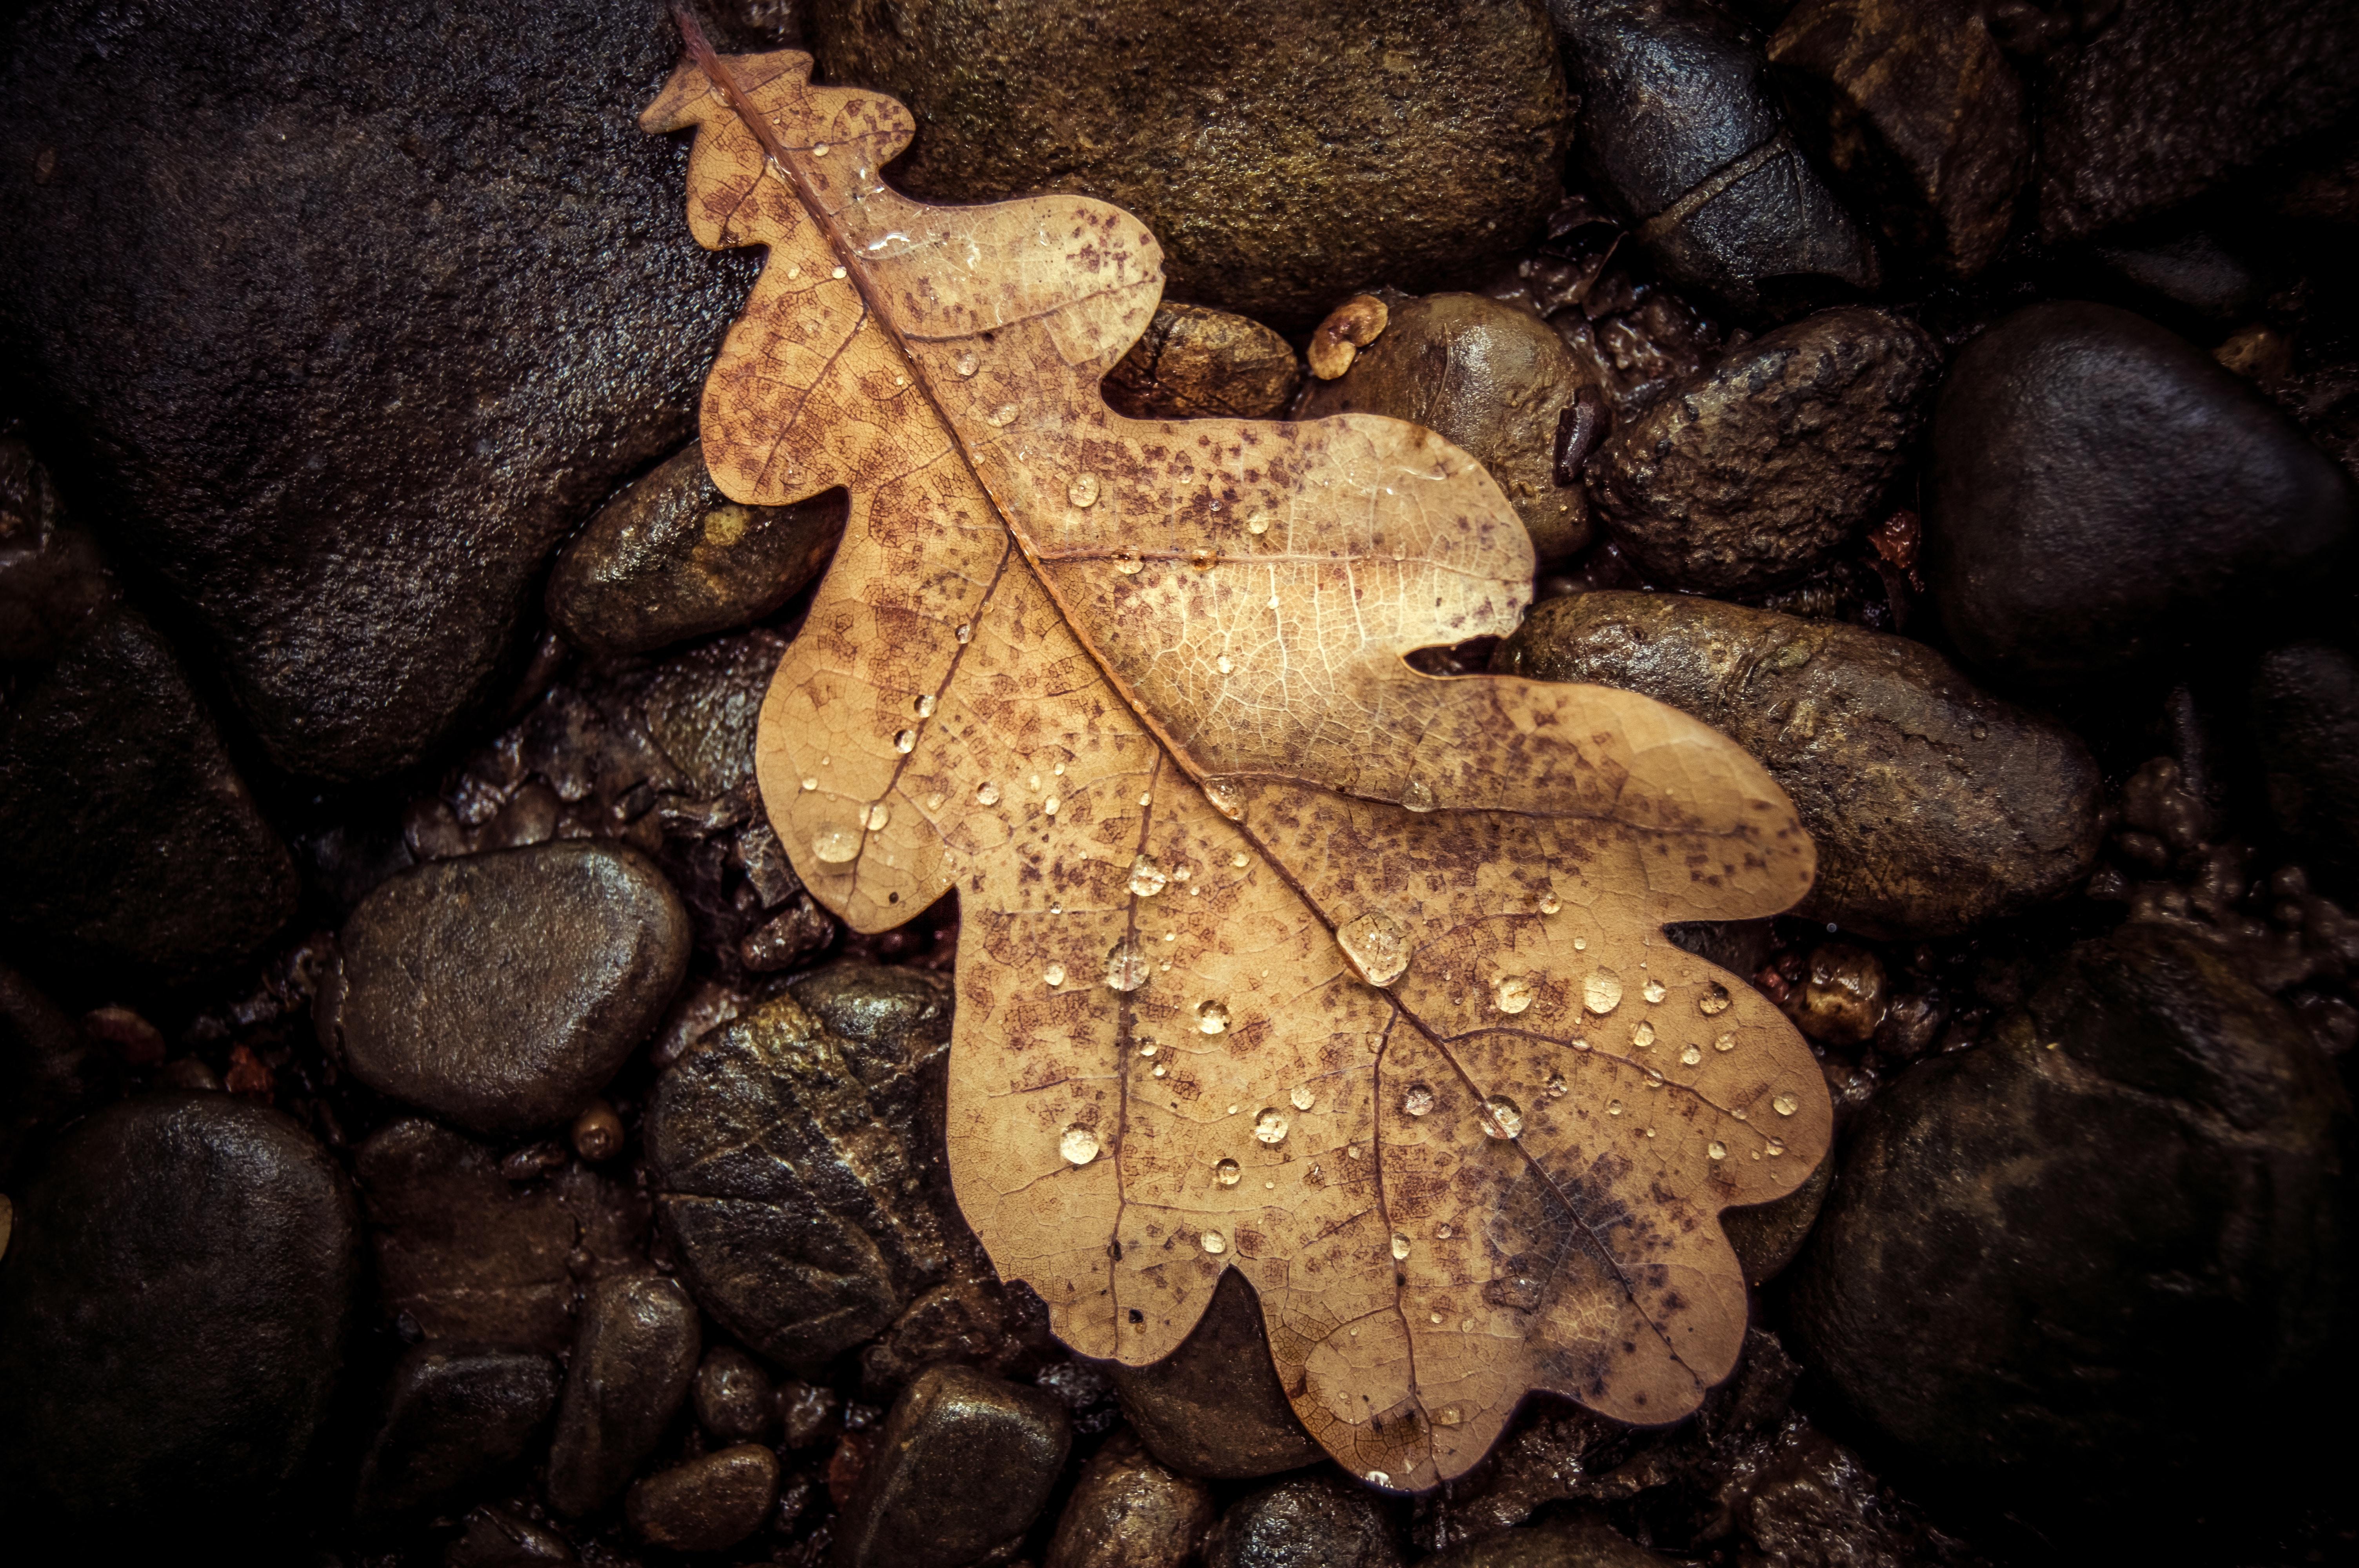 brown leaf on brown stones